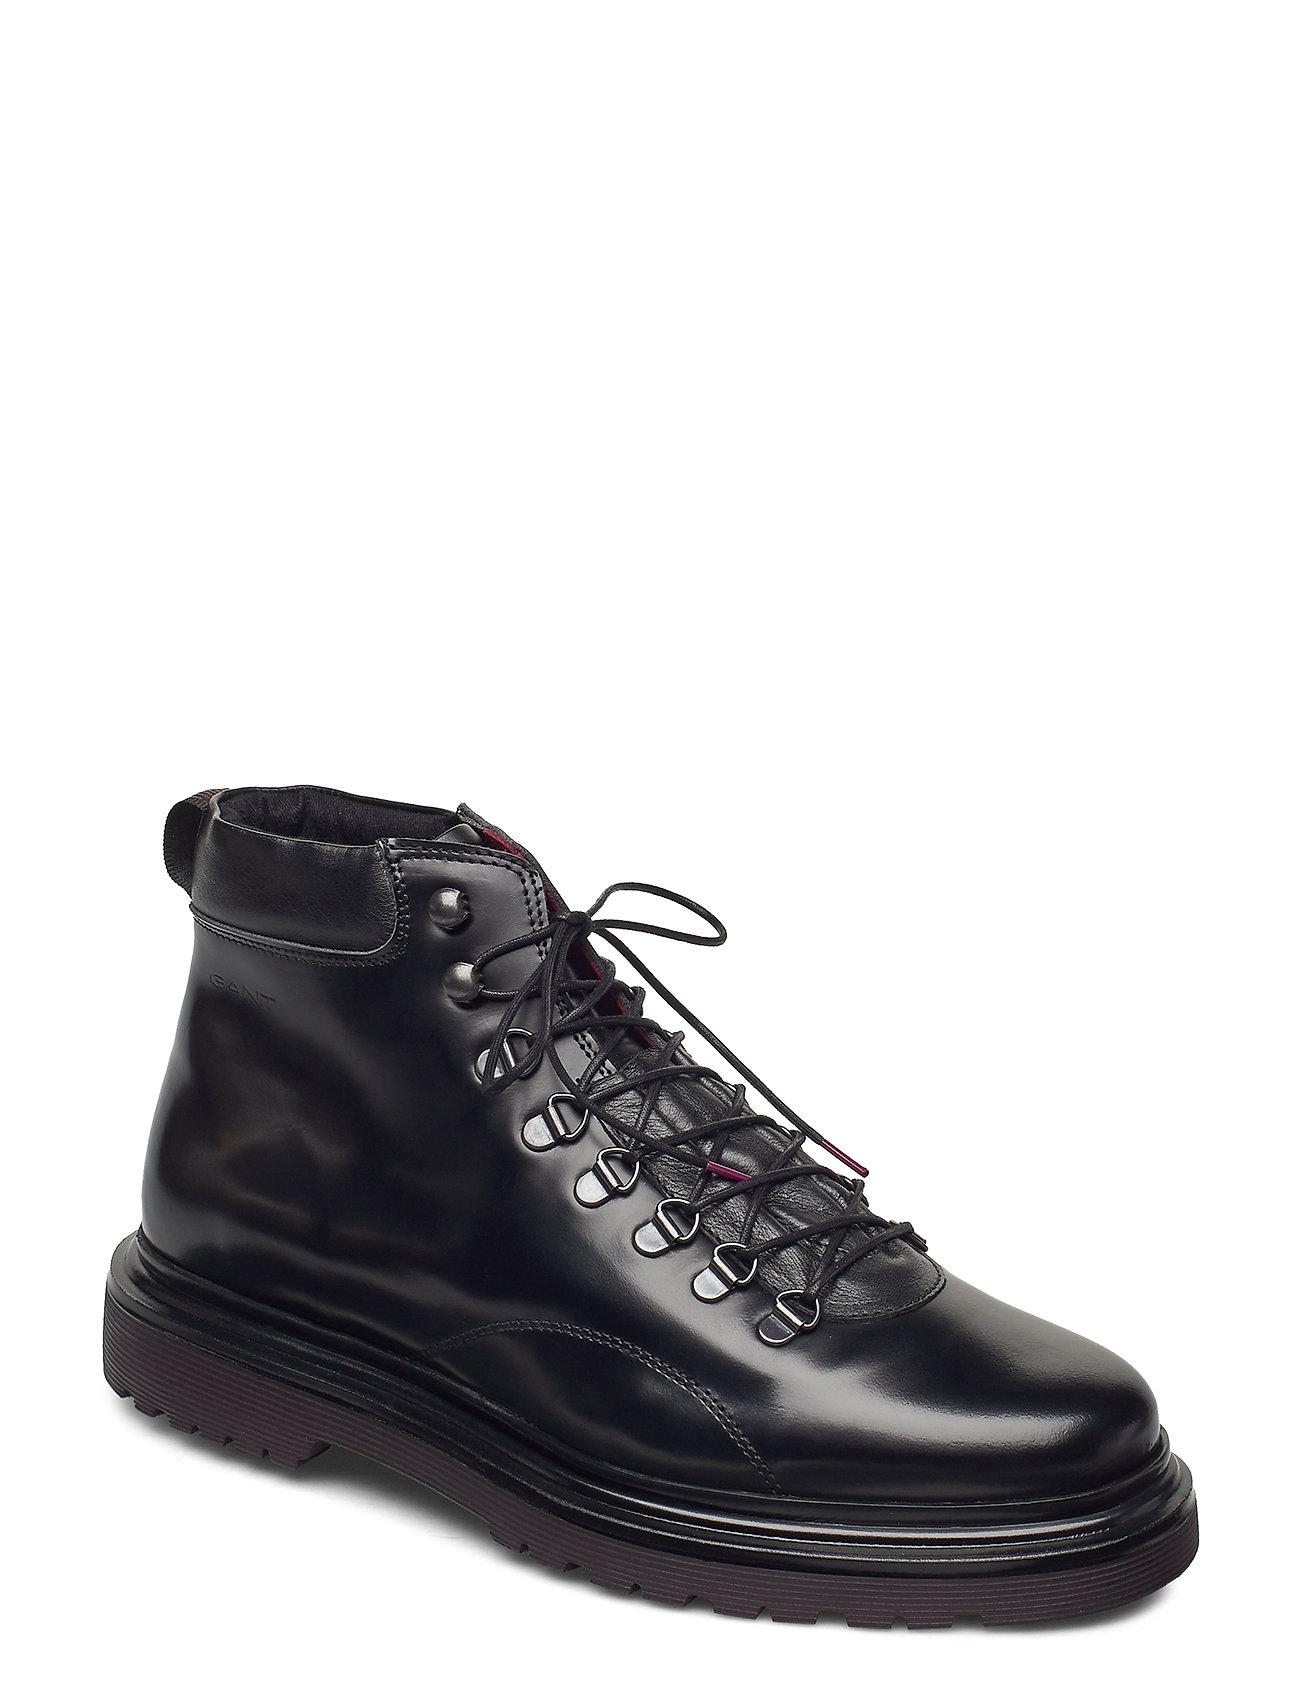 Zwarte Heren Gant Laarzen online kopen? Vergelijk op Schoenen.nl